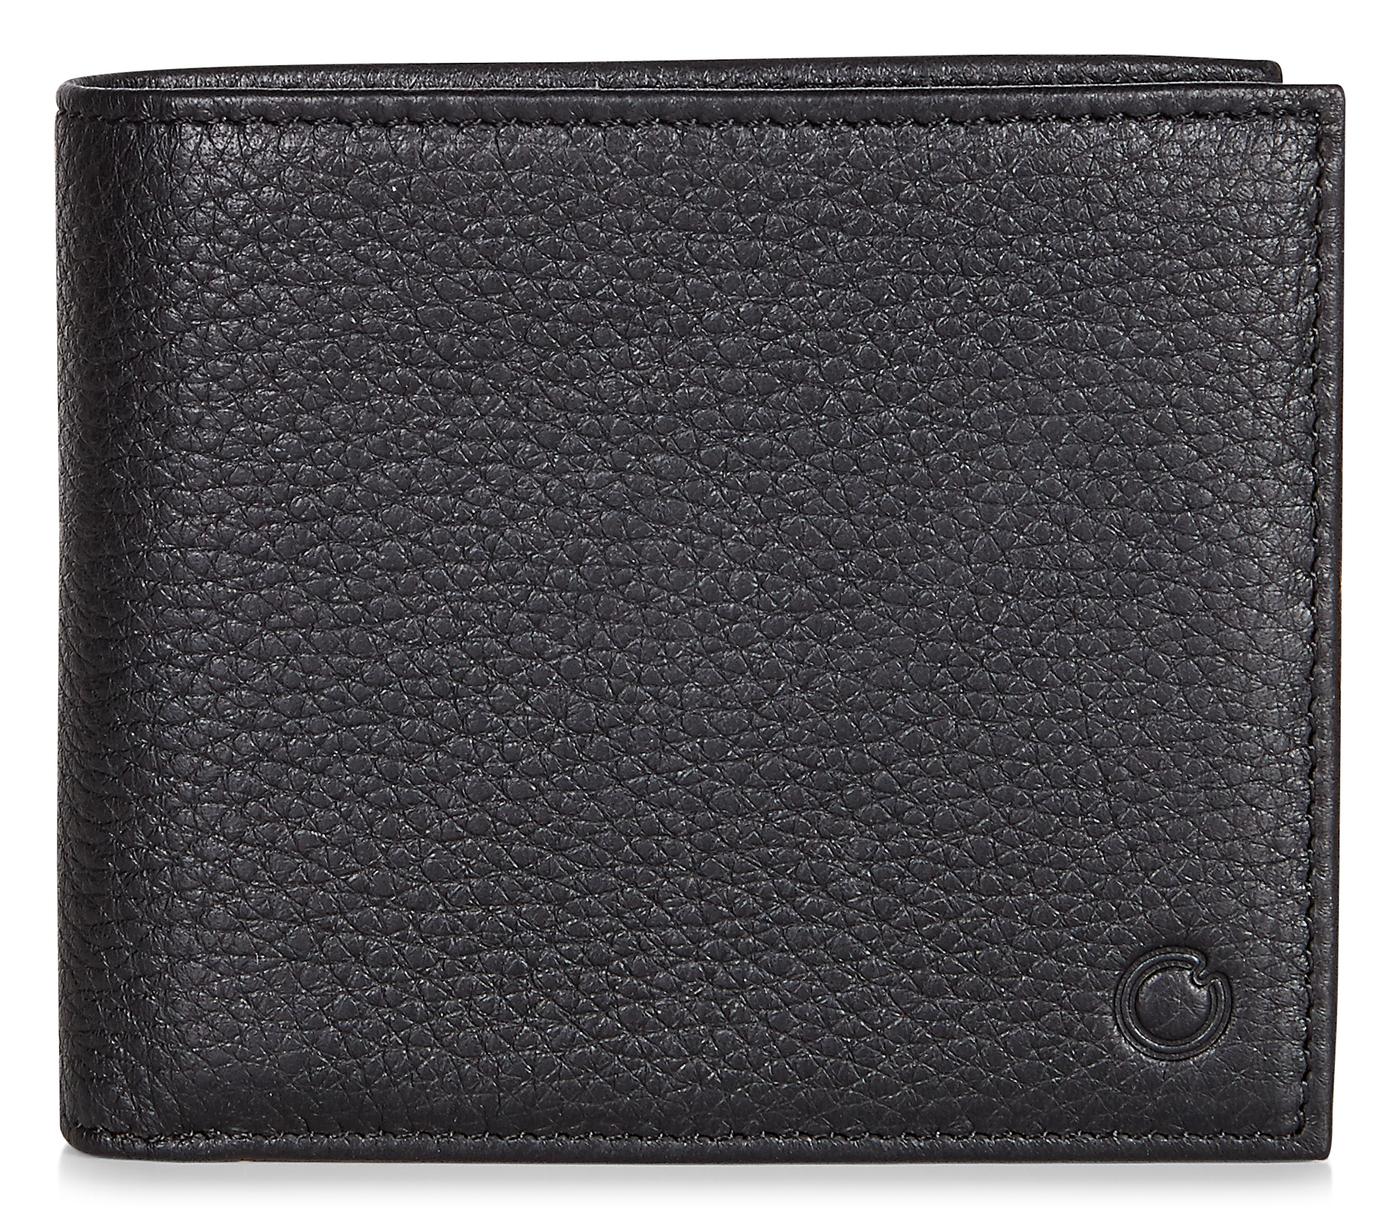 ECCO JOS Flap Wallet